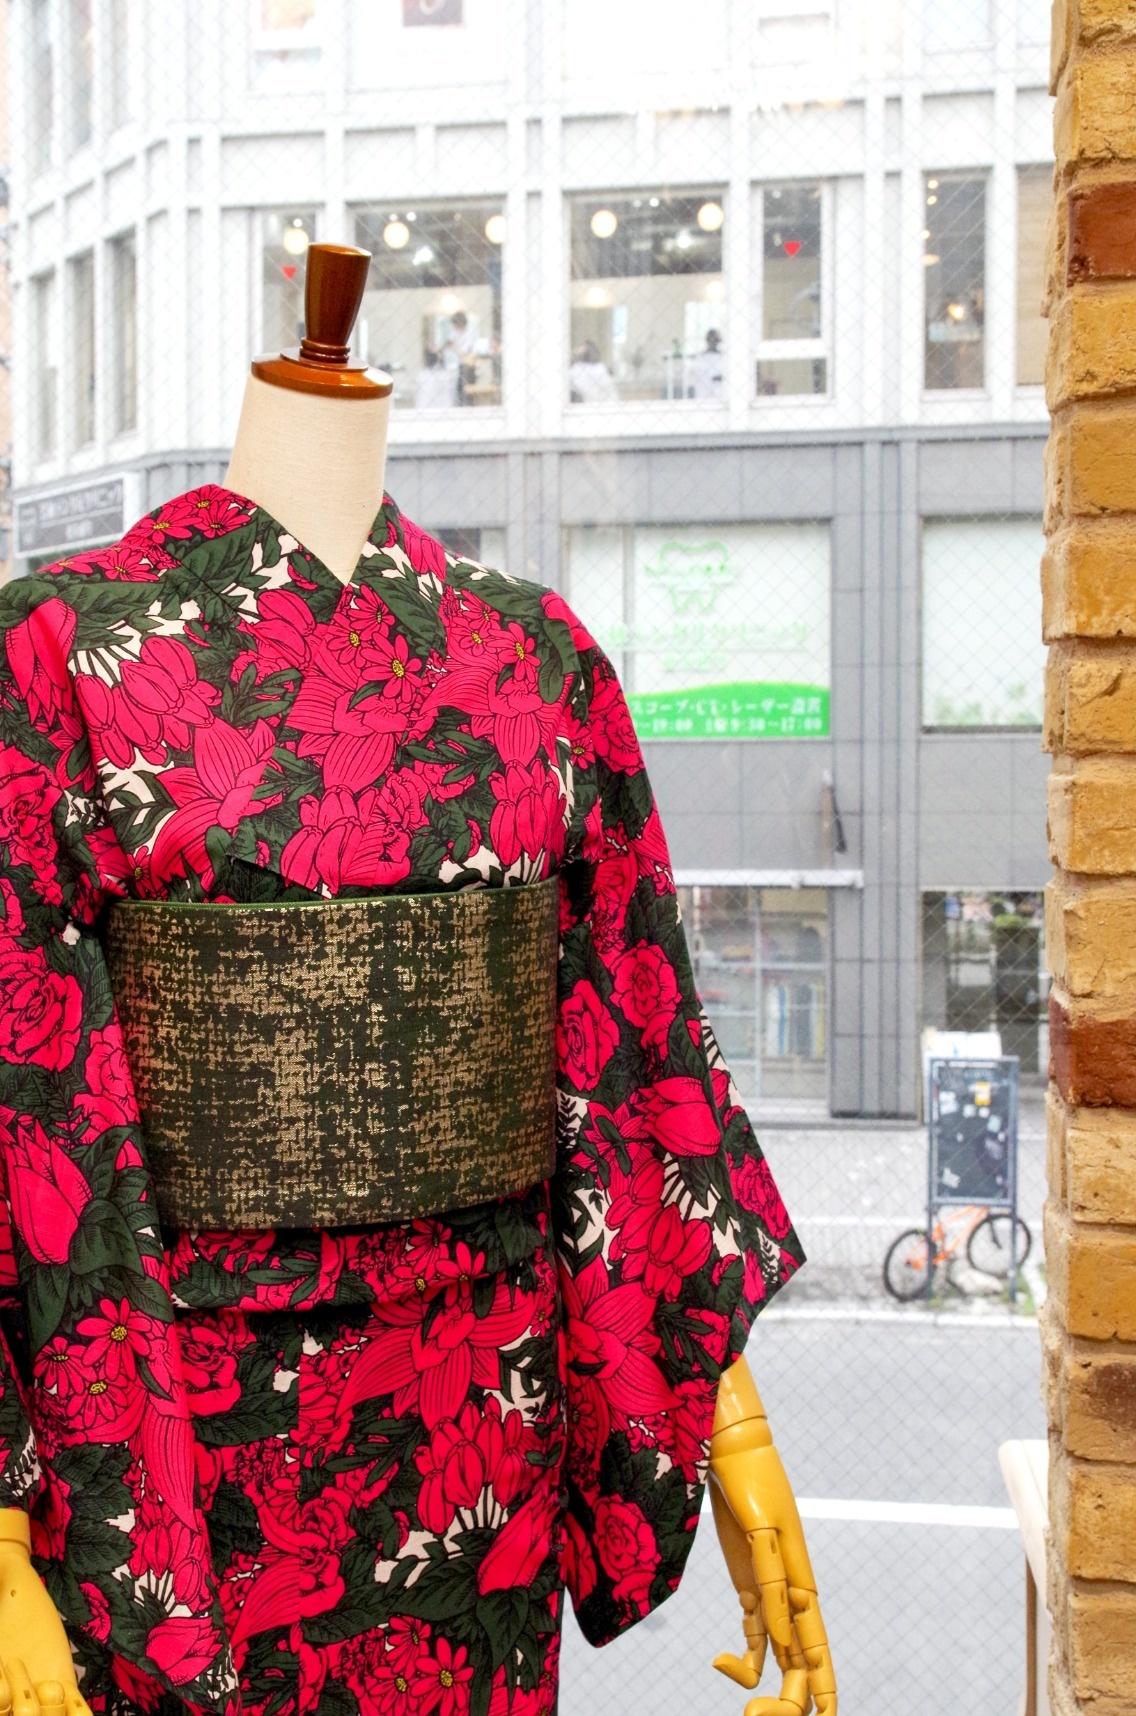 メンズ,着物,浴衣,KIMOMO,HARAJUKU,yukata,ブランド,原宿,渋谷,東京,rj,広島,キモノグラース,kimonograce